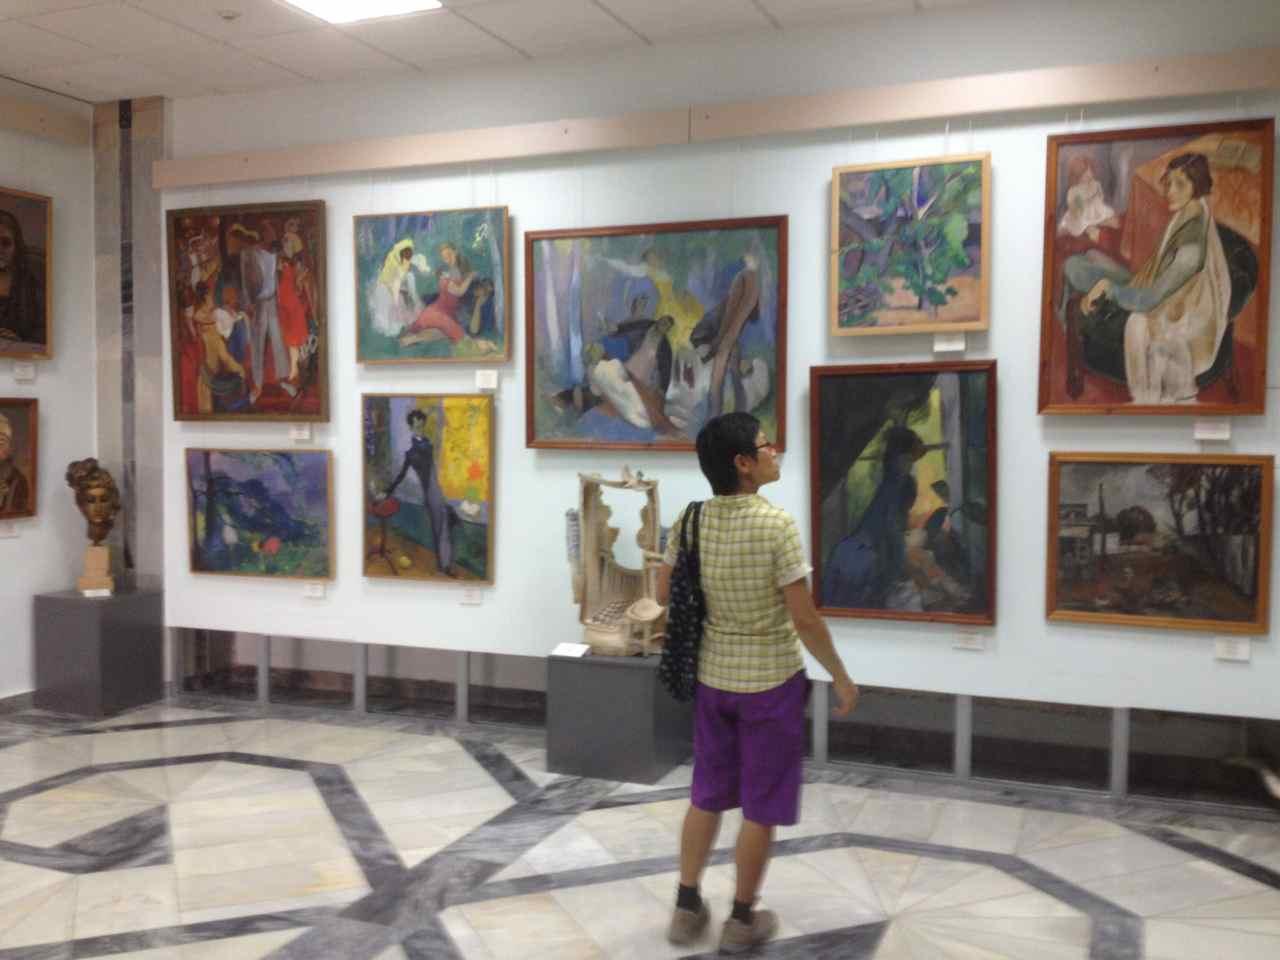 Enjoying soviet modern art in the midst of the desert